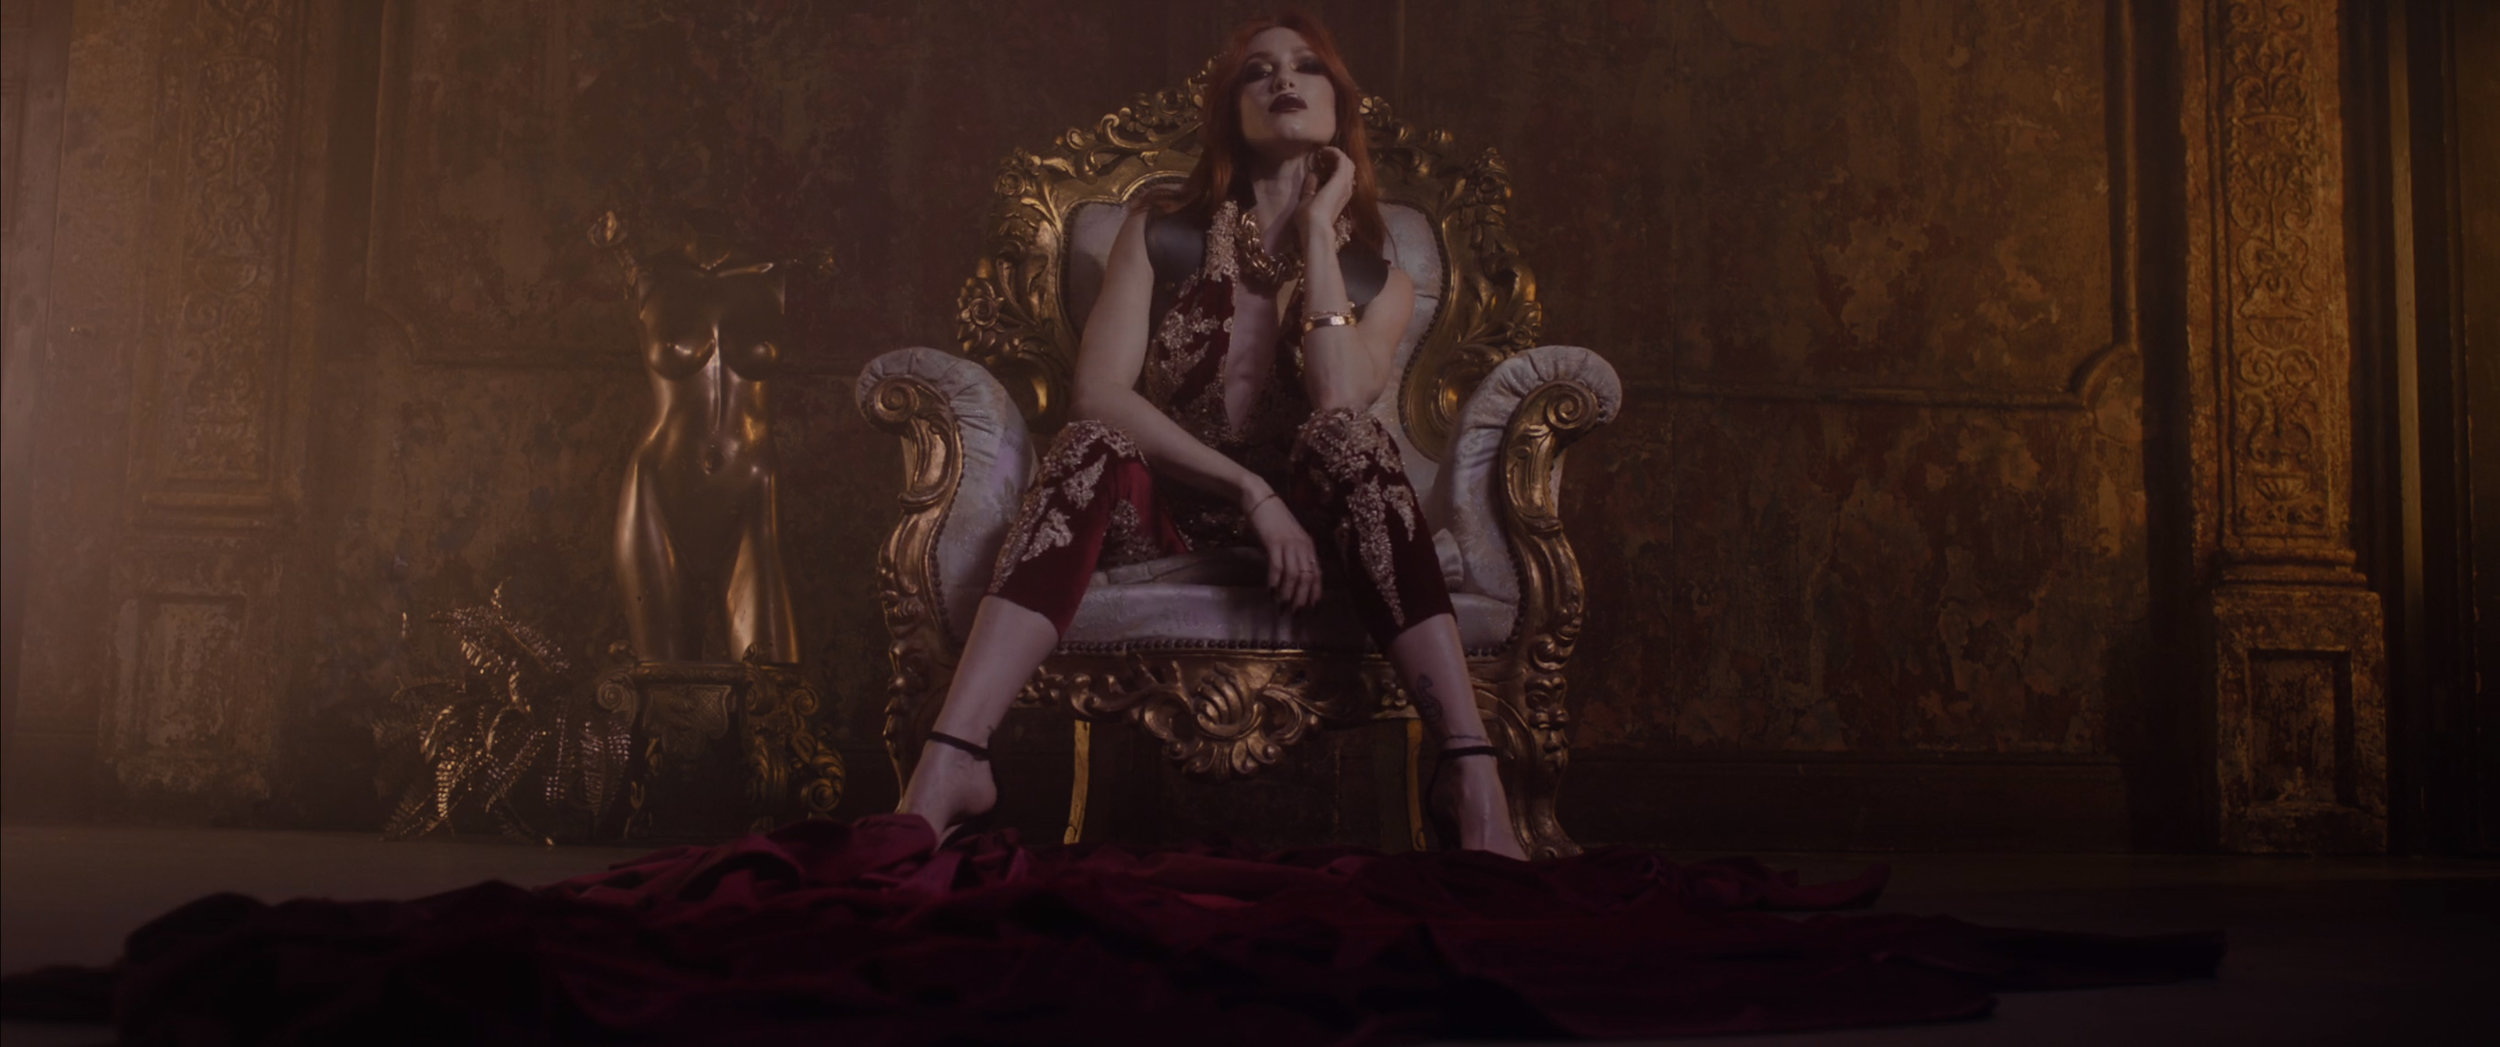 Scarlet4.jpg